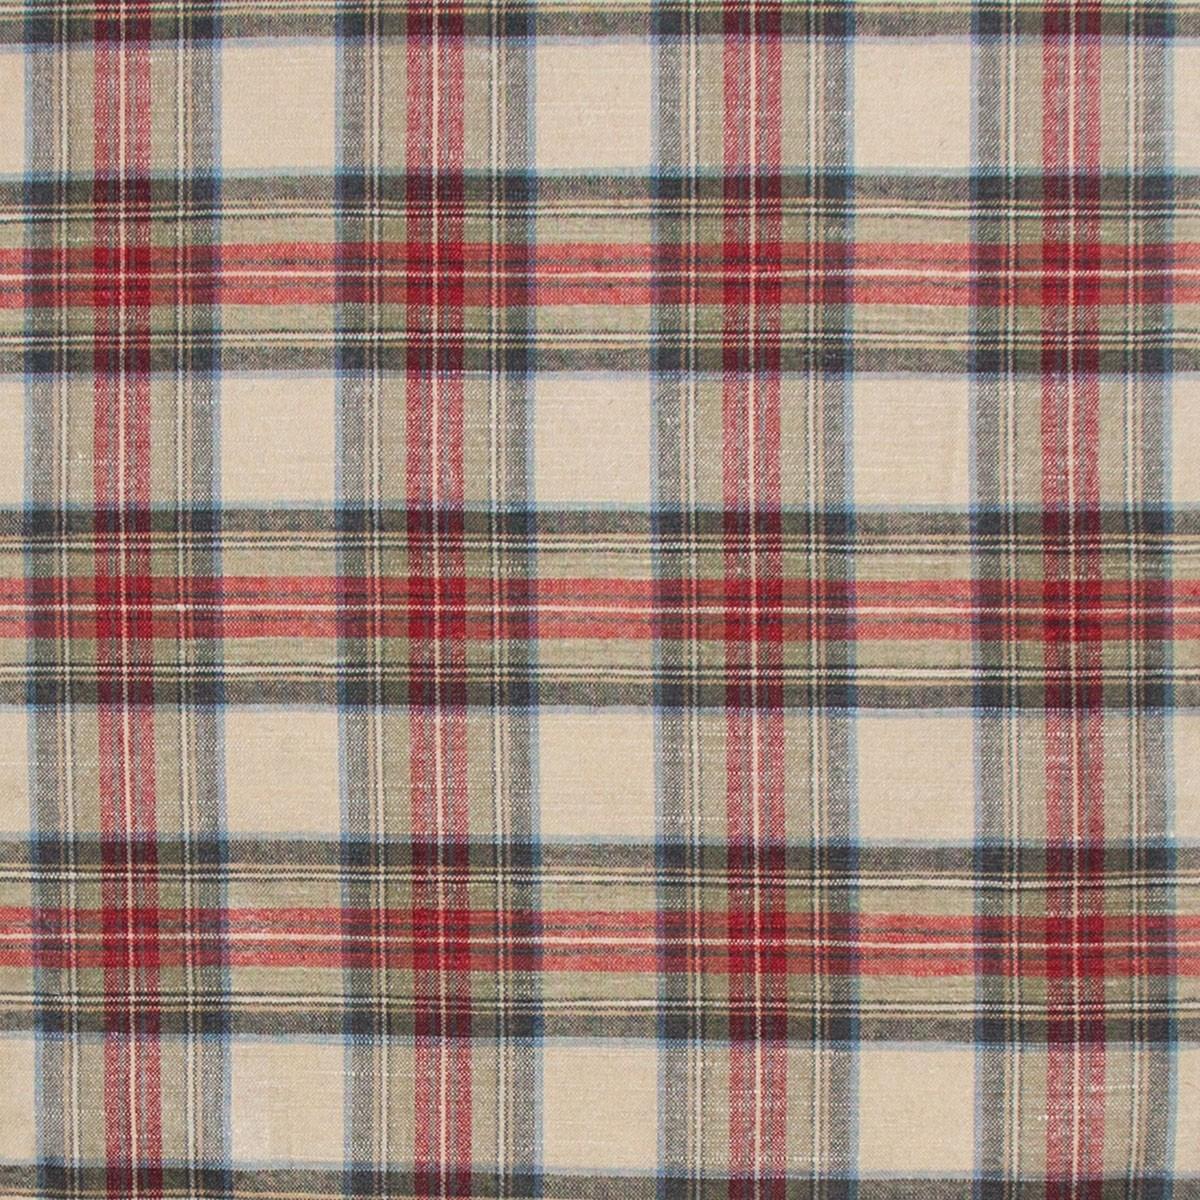 Stewart Dress Weathered Tartan Lightweight Linen Fabric